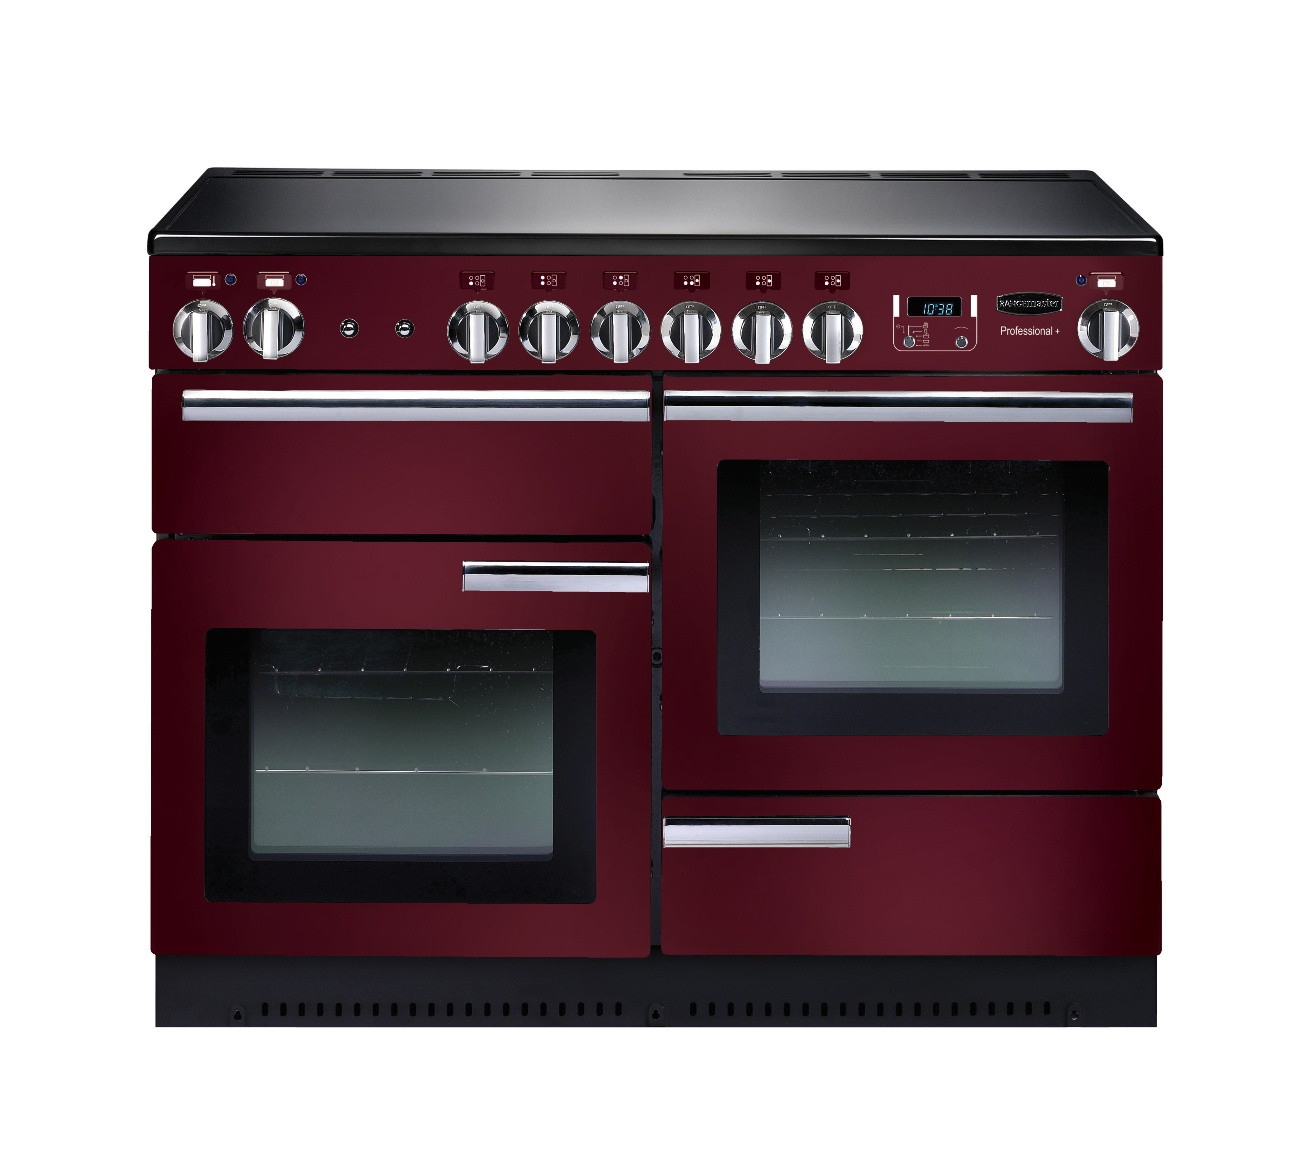 Rangemaster Professional Plus 110 Ceramic Cranberry Range Cooker PROP110ECCY/C 91890